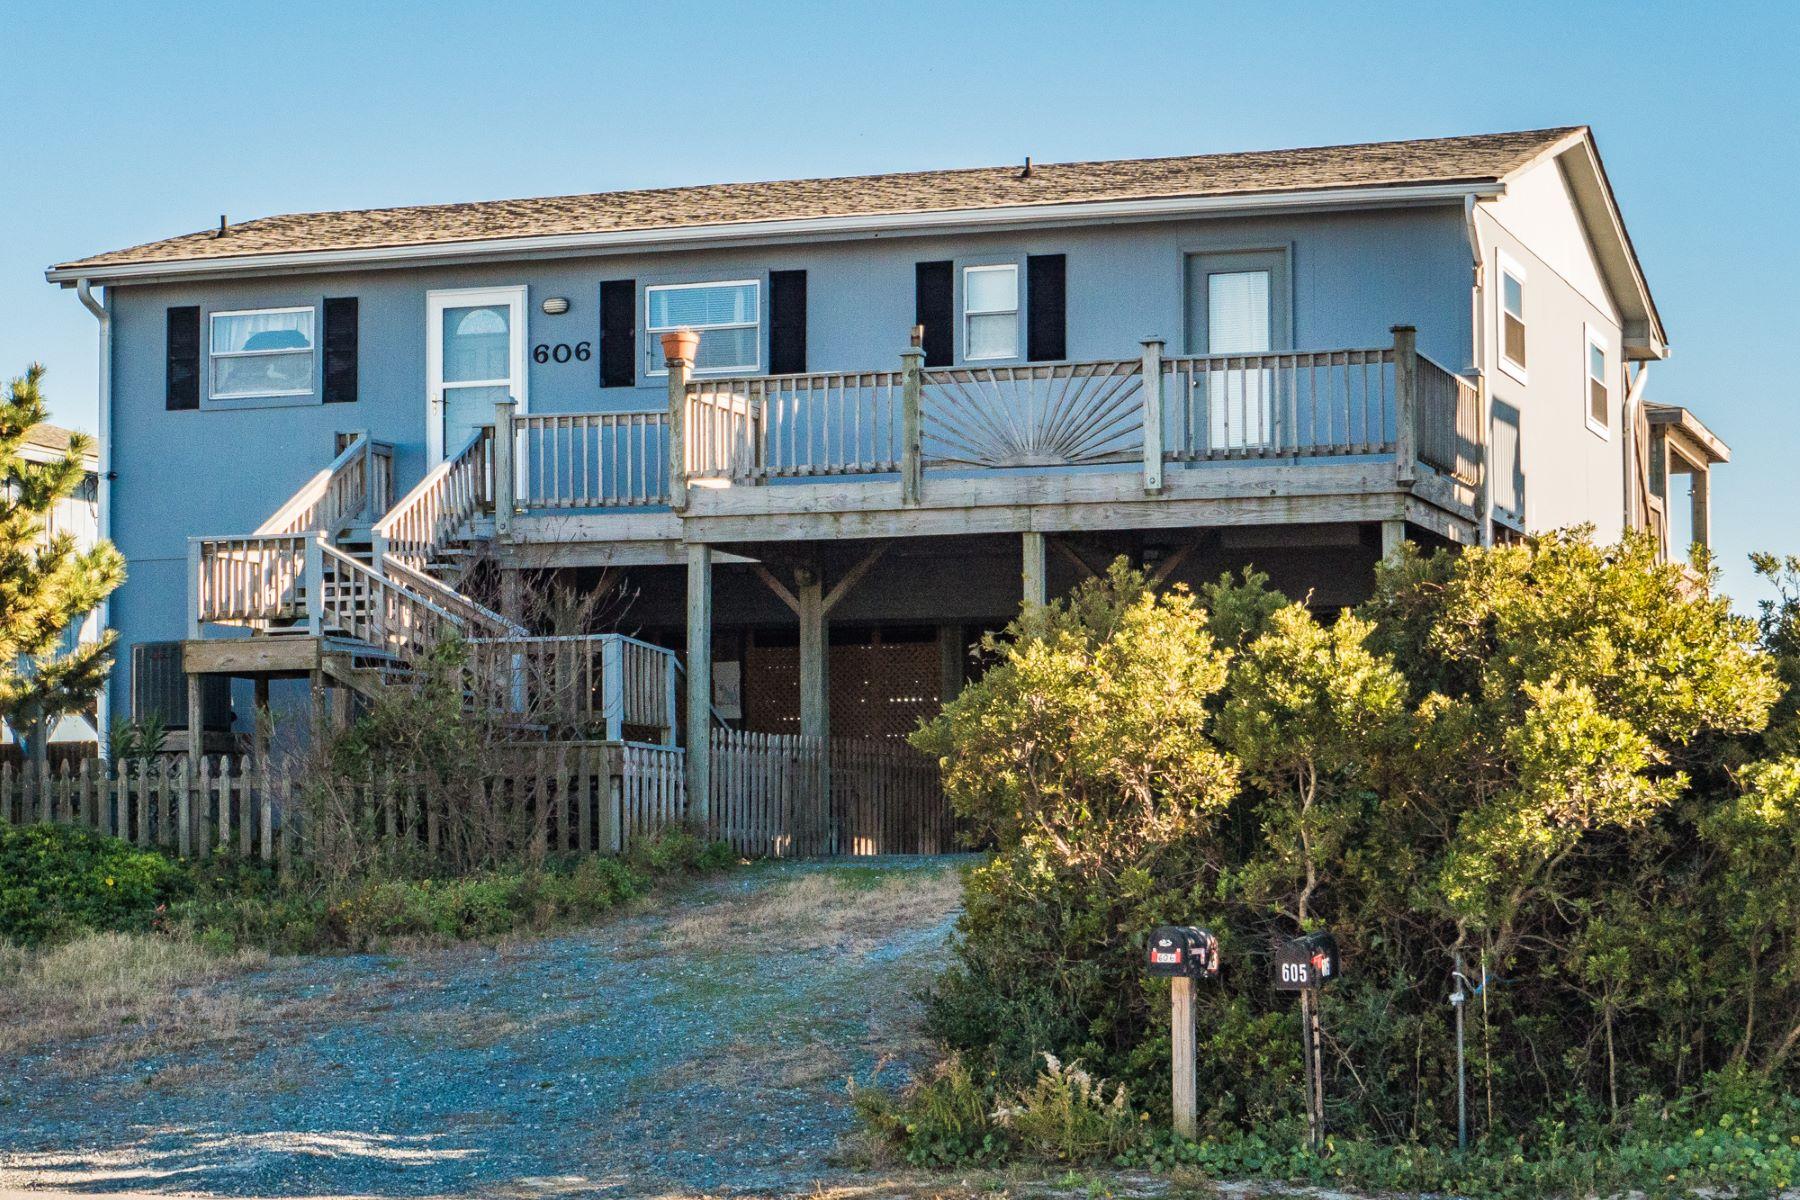 Maison unifamiliale pour l Vente à Classic Topsail Beach Cottage 606 N Shore Drive Surf City, Carolina Du Nord, 28445 États-Unis